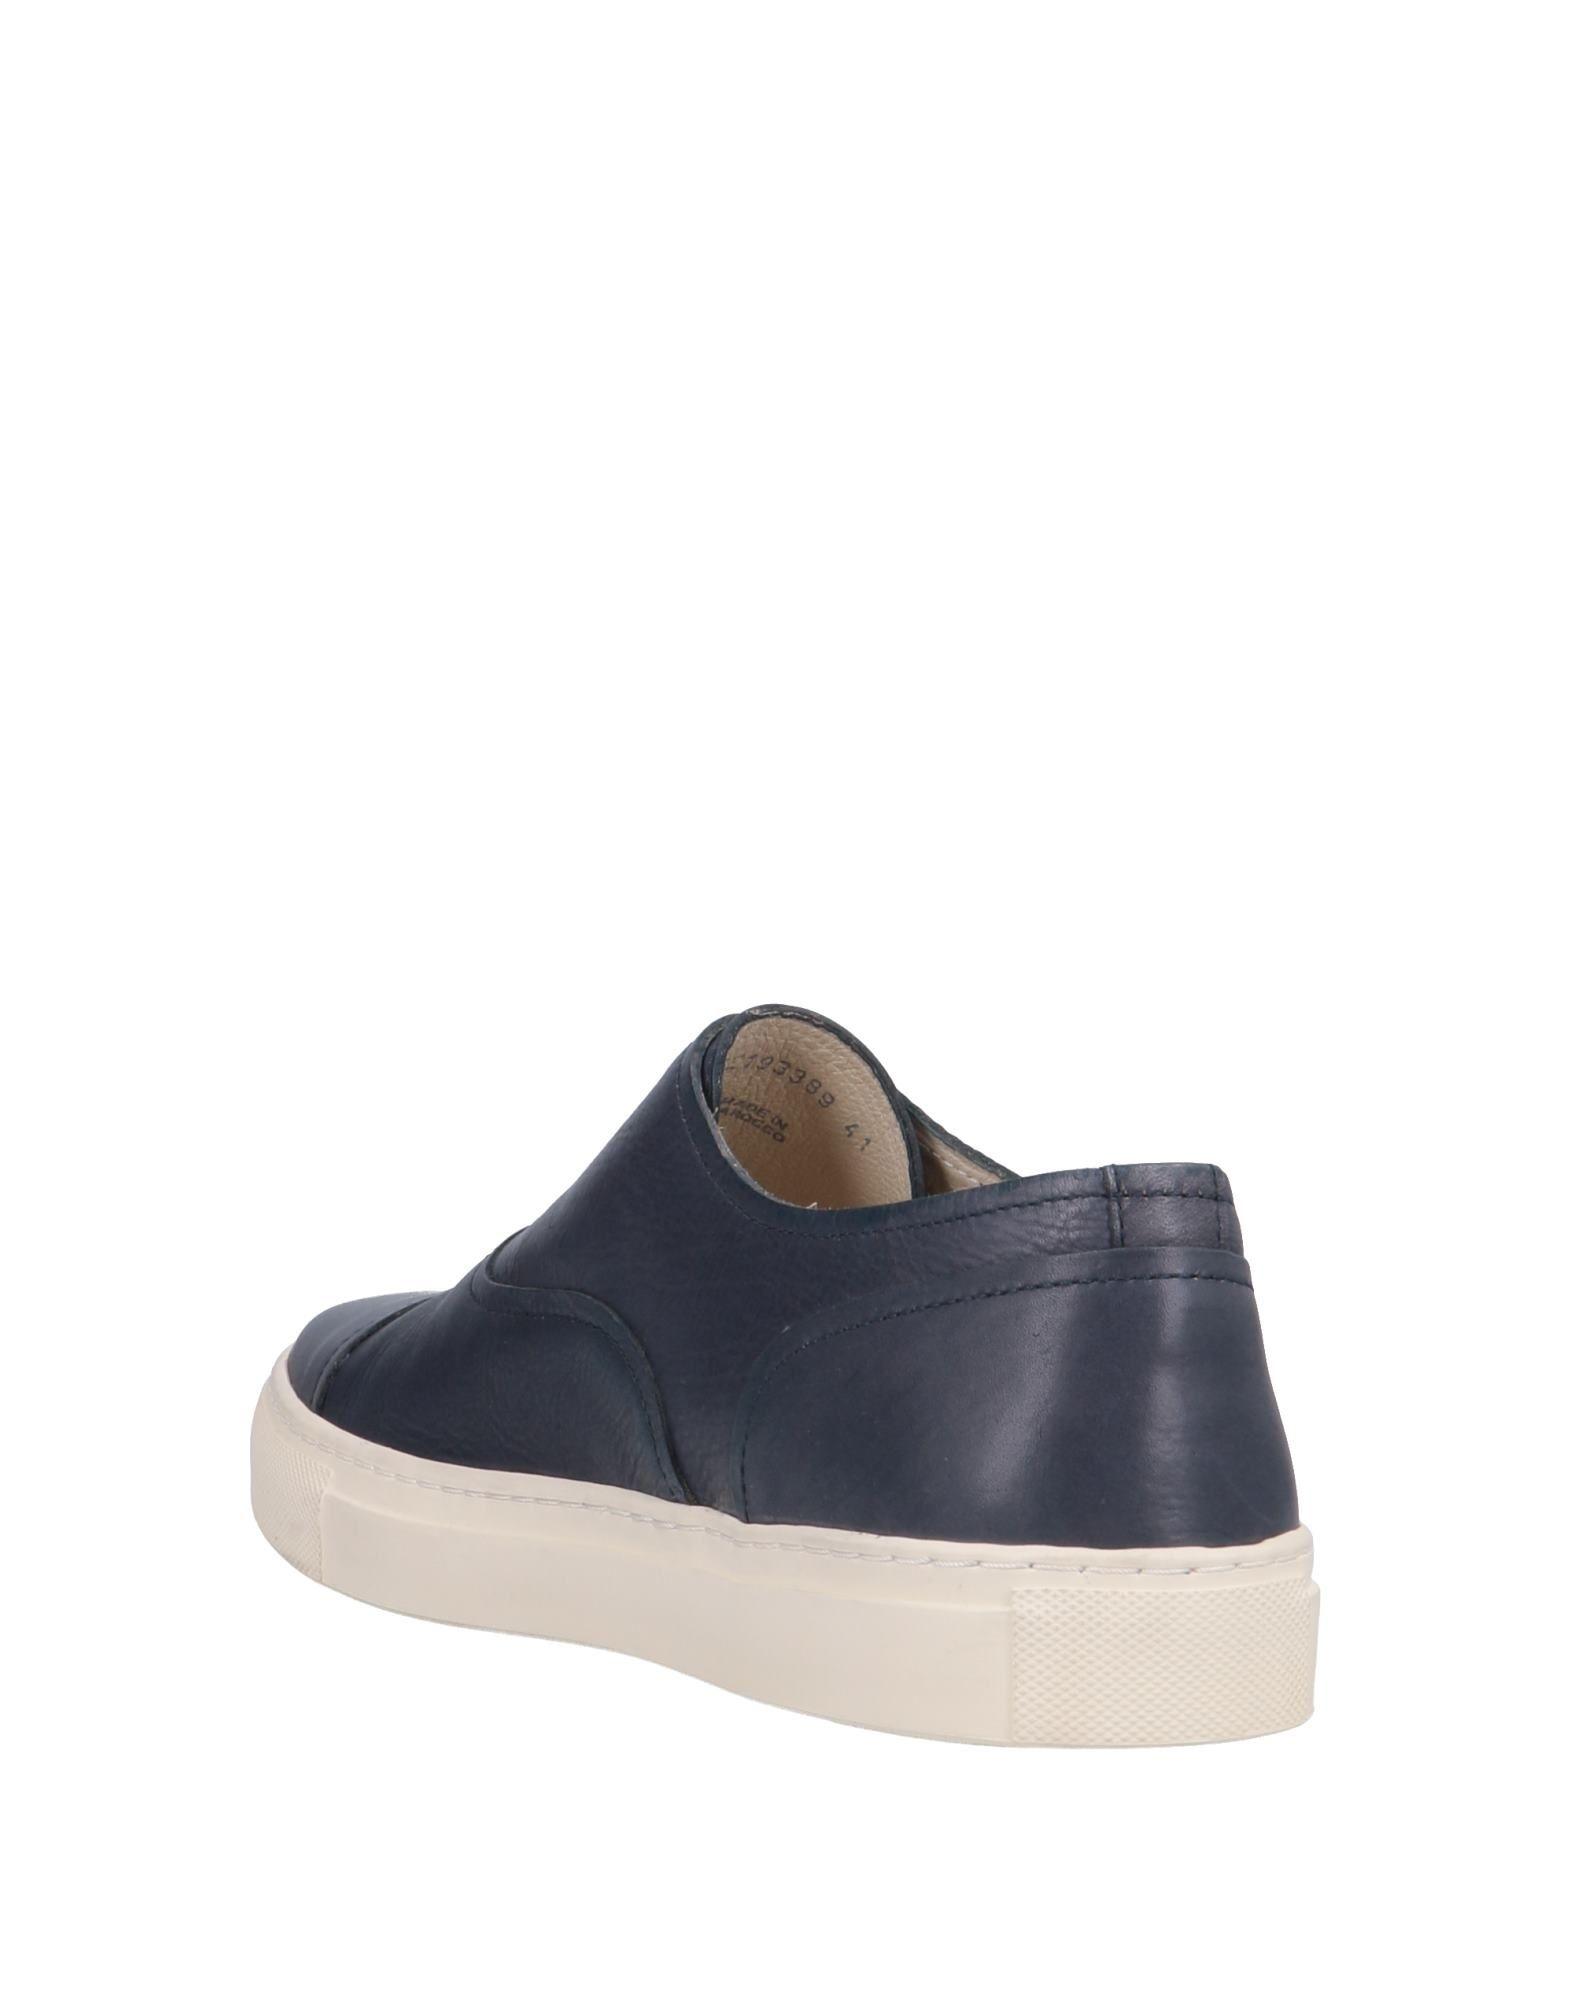 Rabatt echte Sneakers Schuhe Docksteps Sneakers echte Herren  11554517XI 388c64